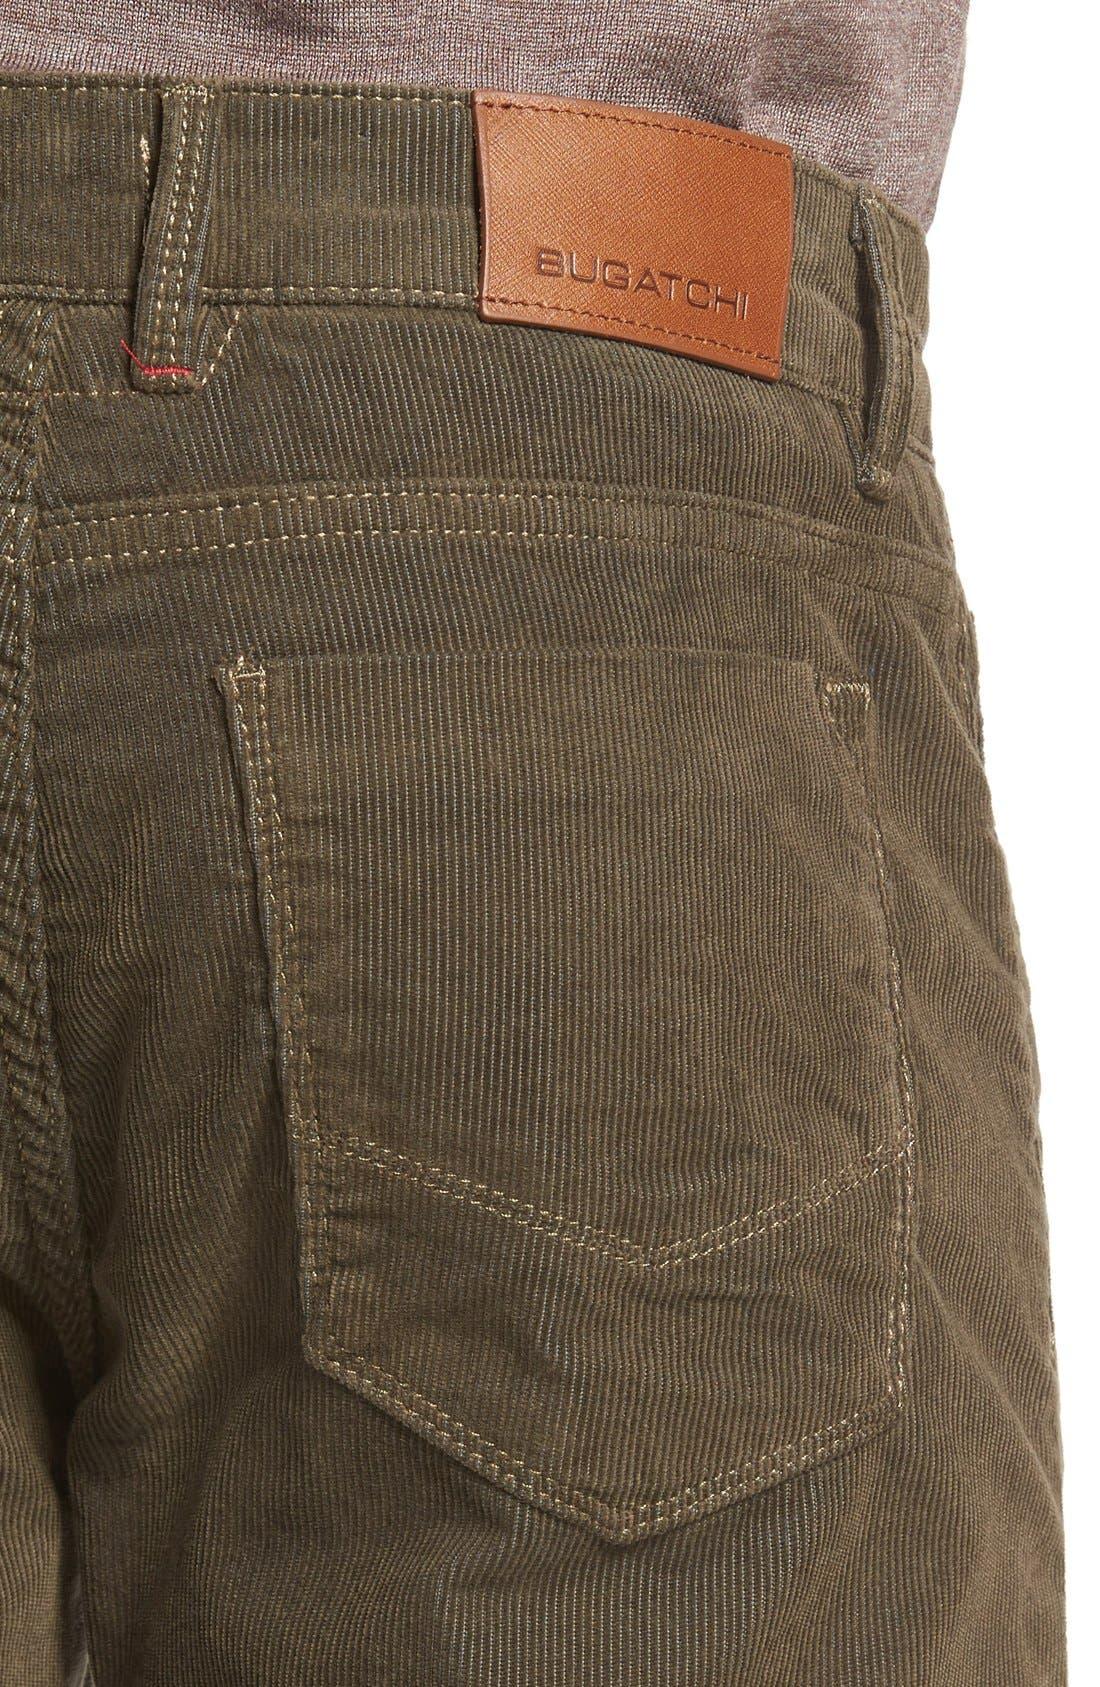 Slim Fit Corduroy Pants,                             Alternate thumbnail 4, color,                             Sage